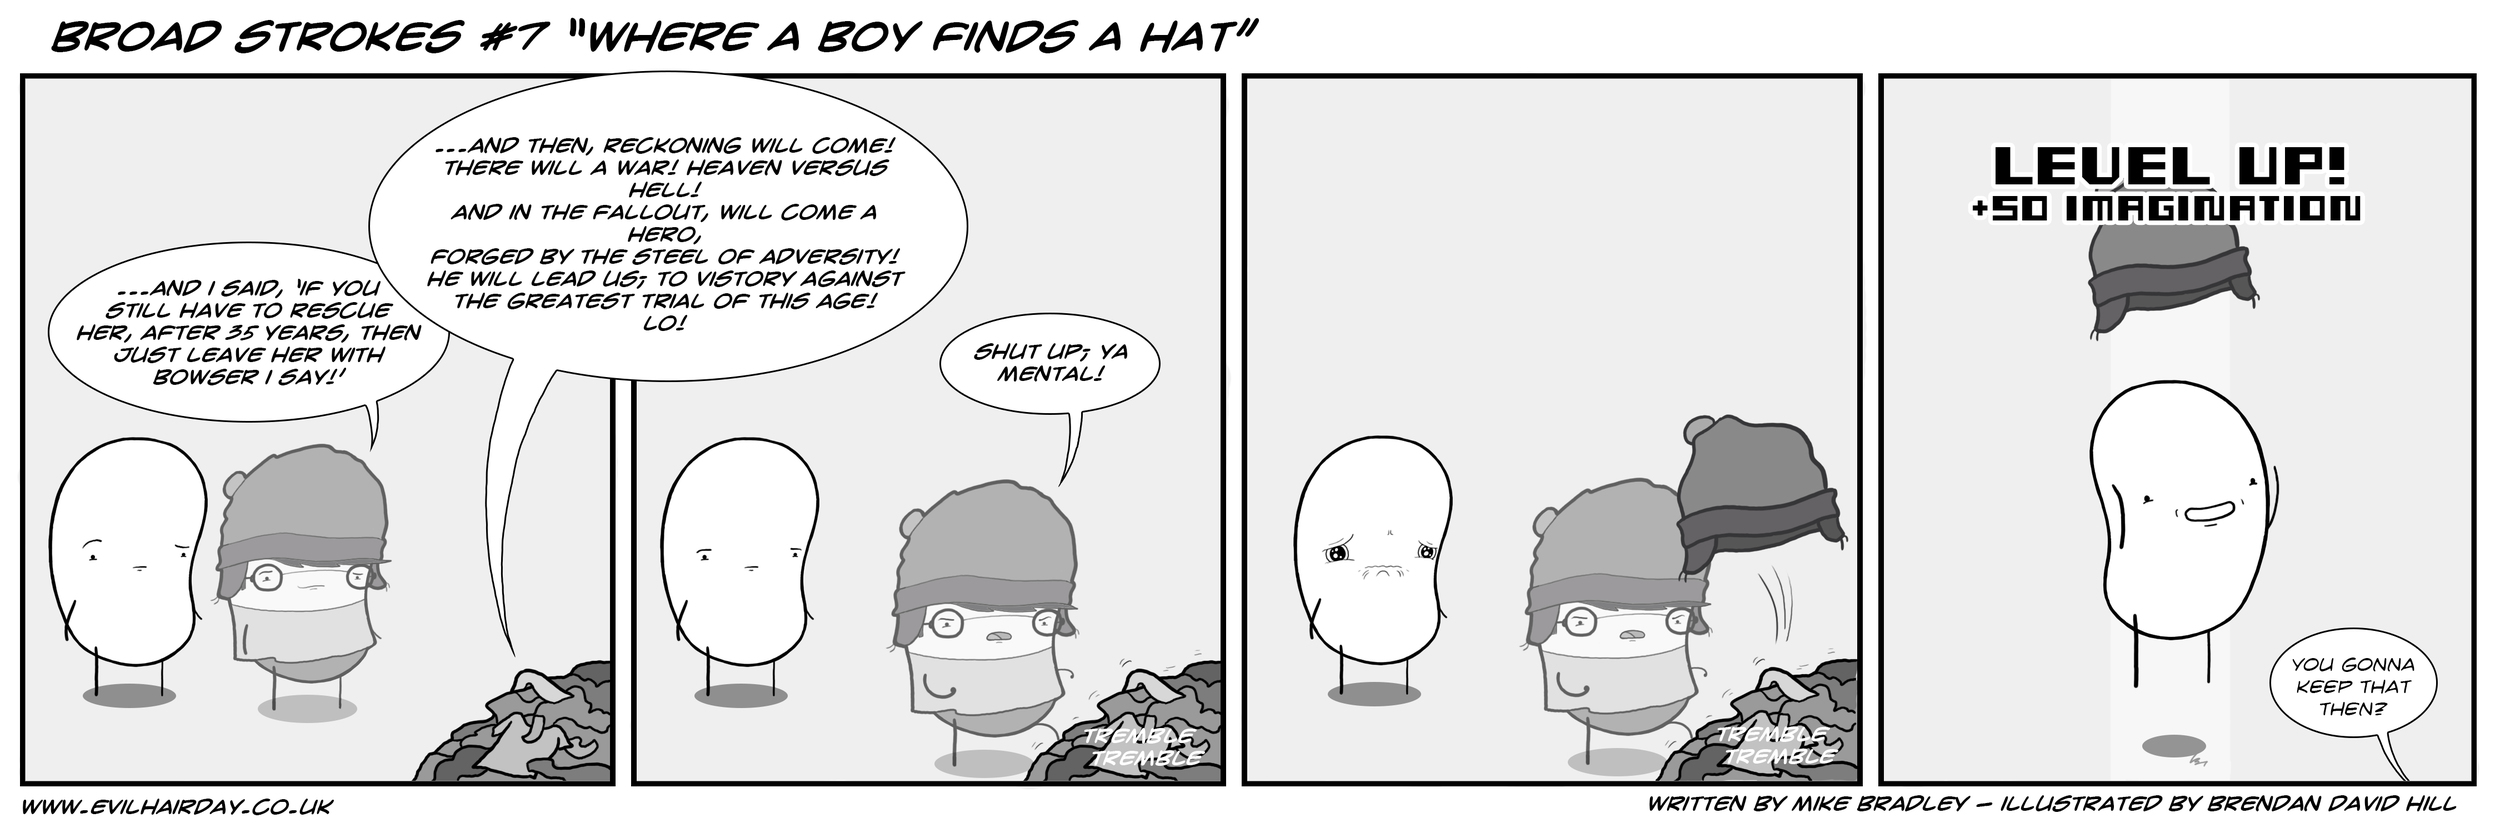 #7 Where a boy finds a hat.jpg